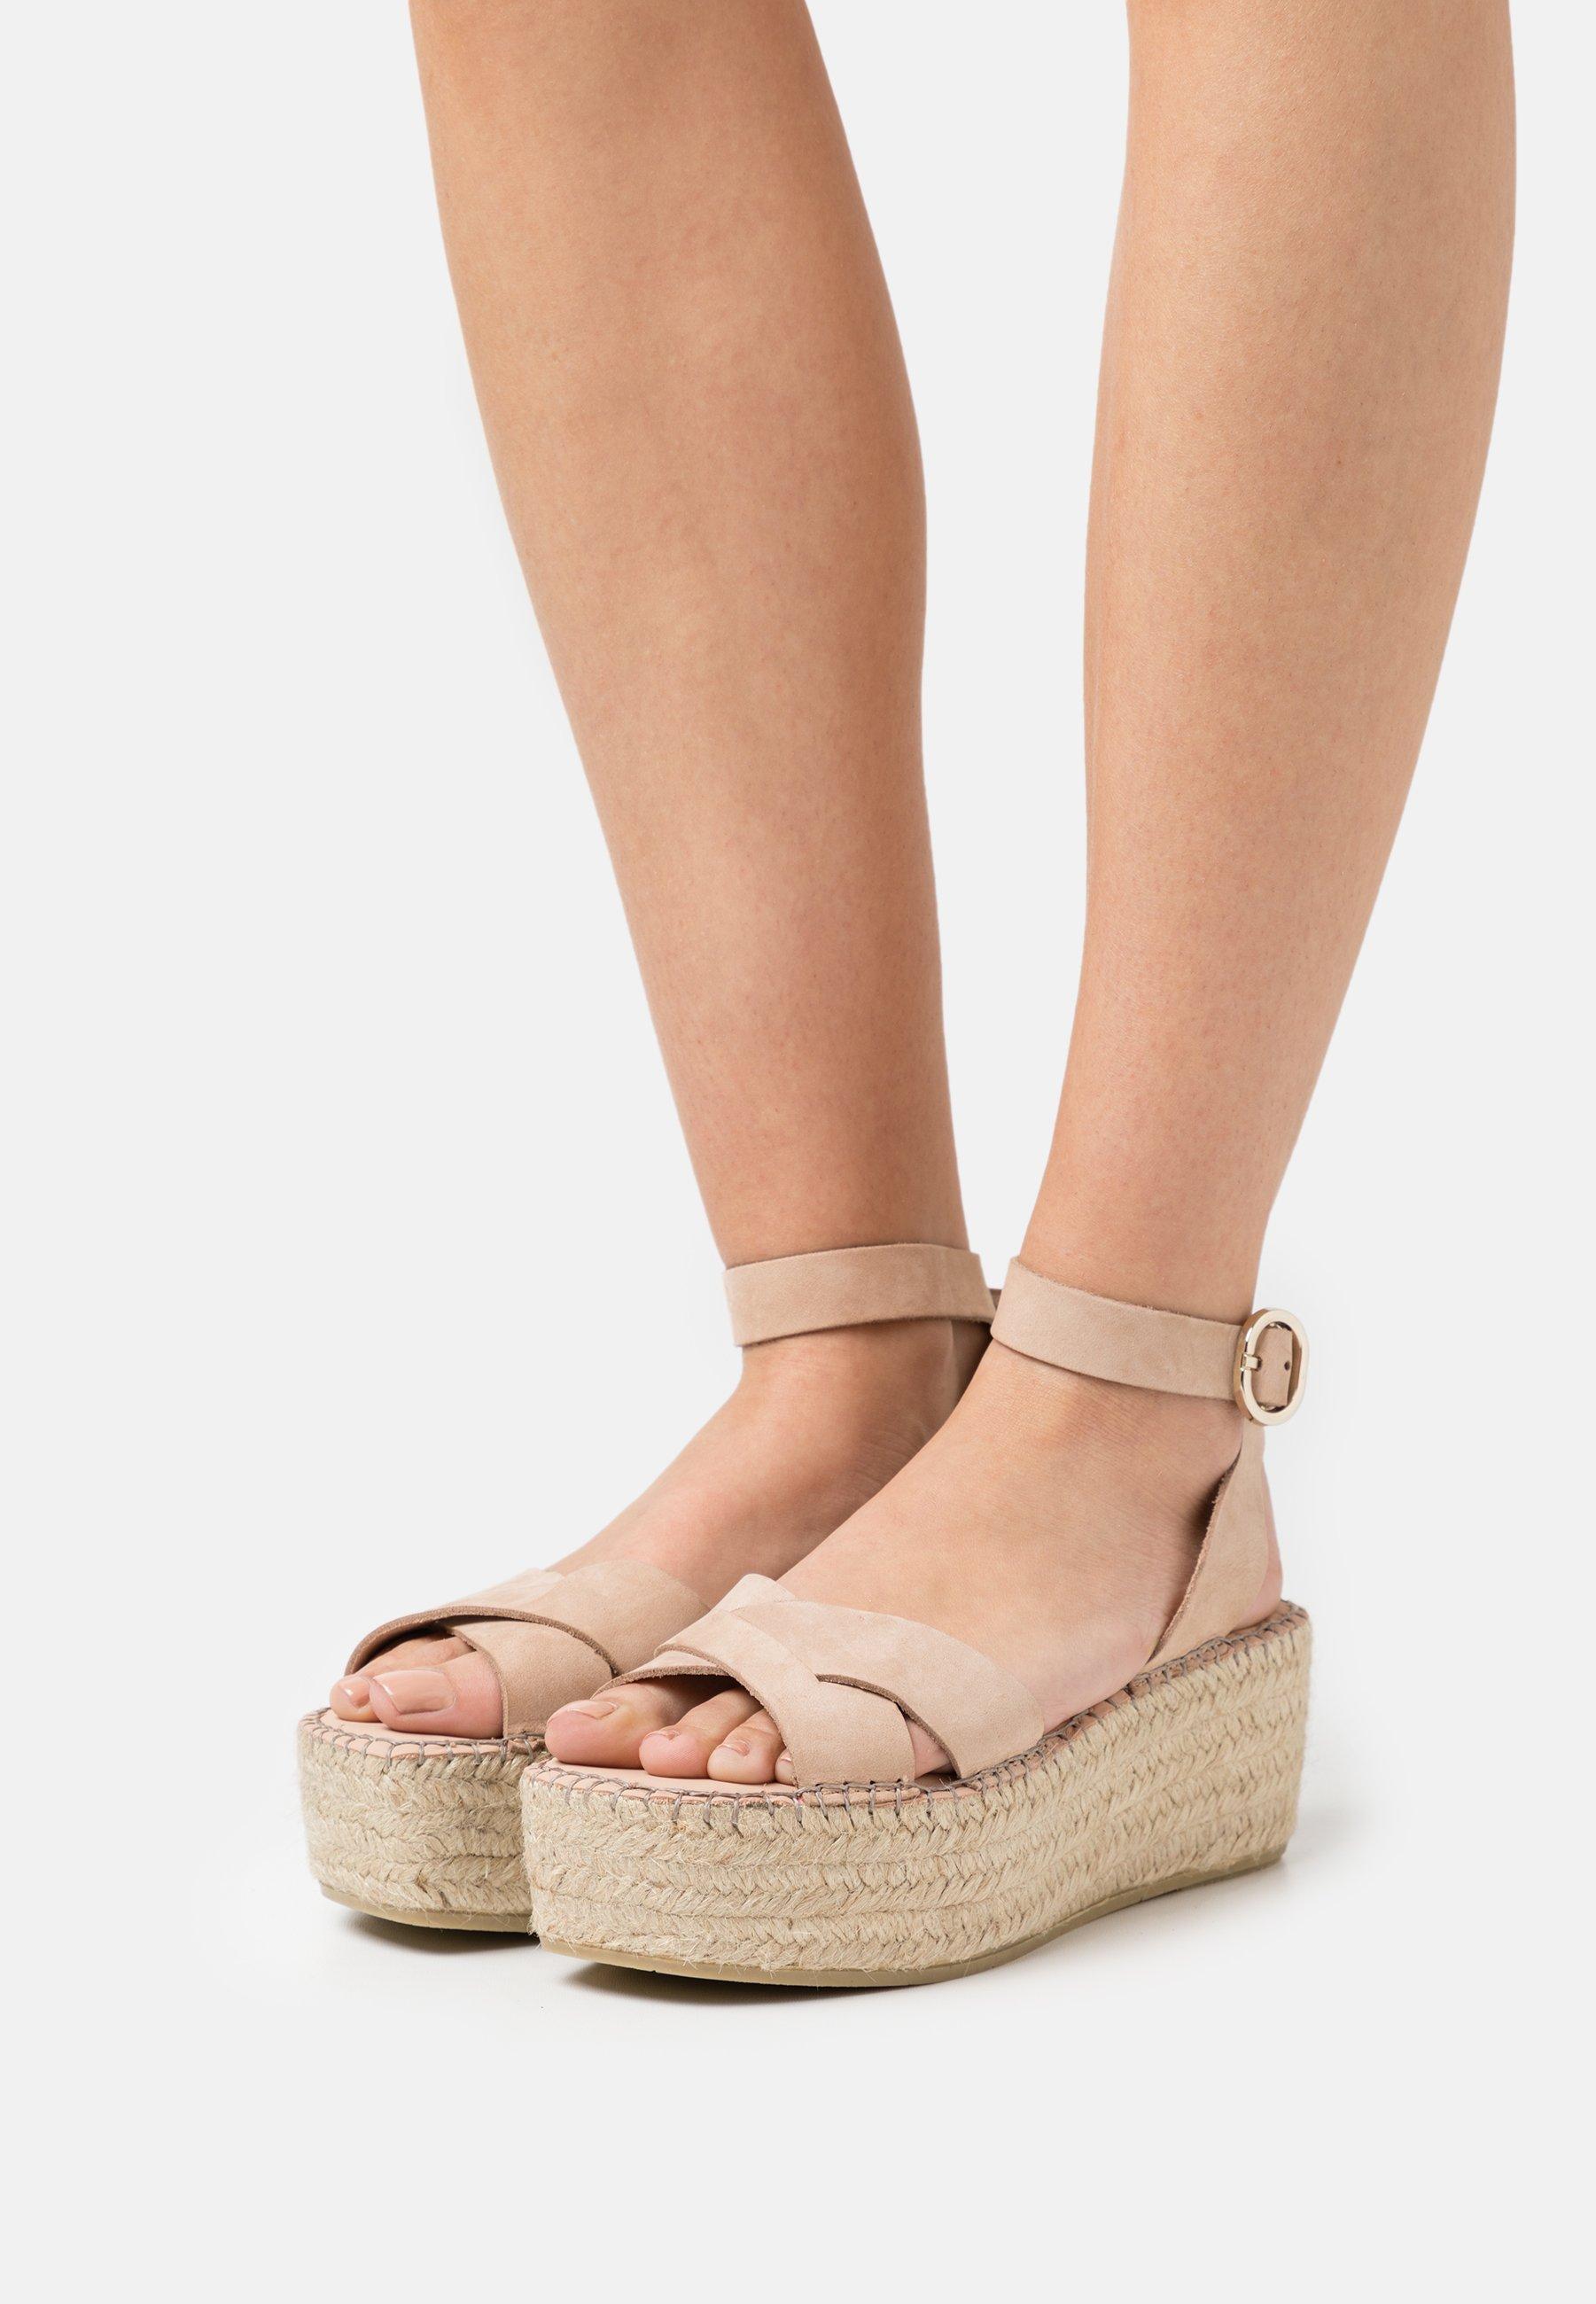 Women PRAIDY - Platform sandals - taupe